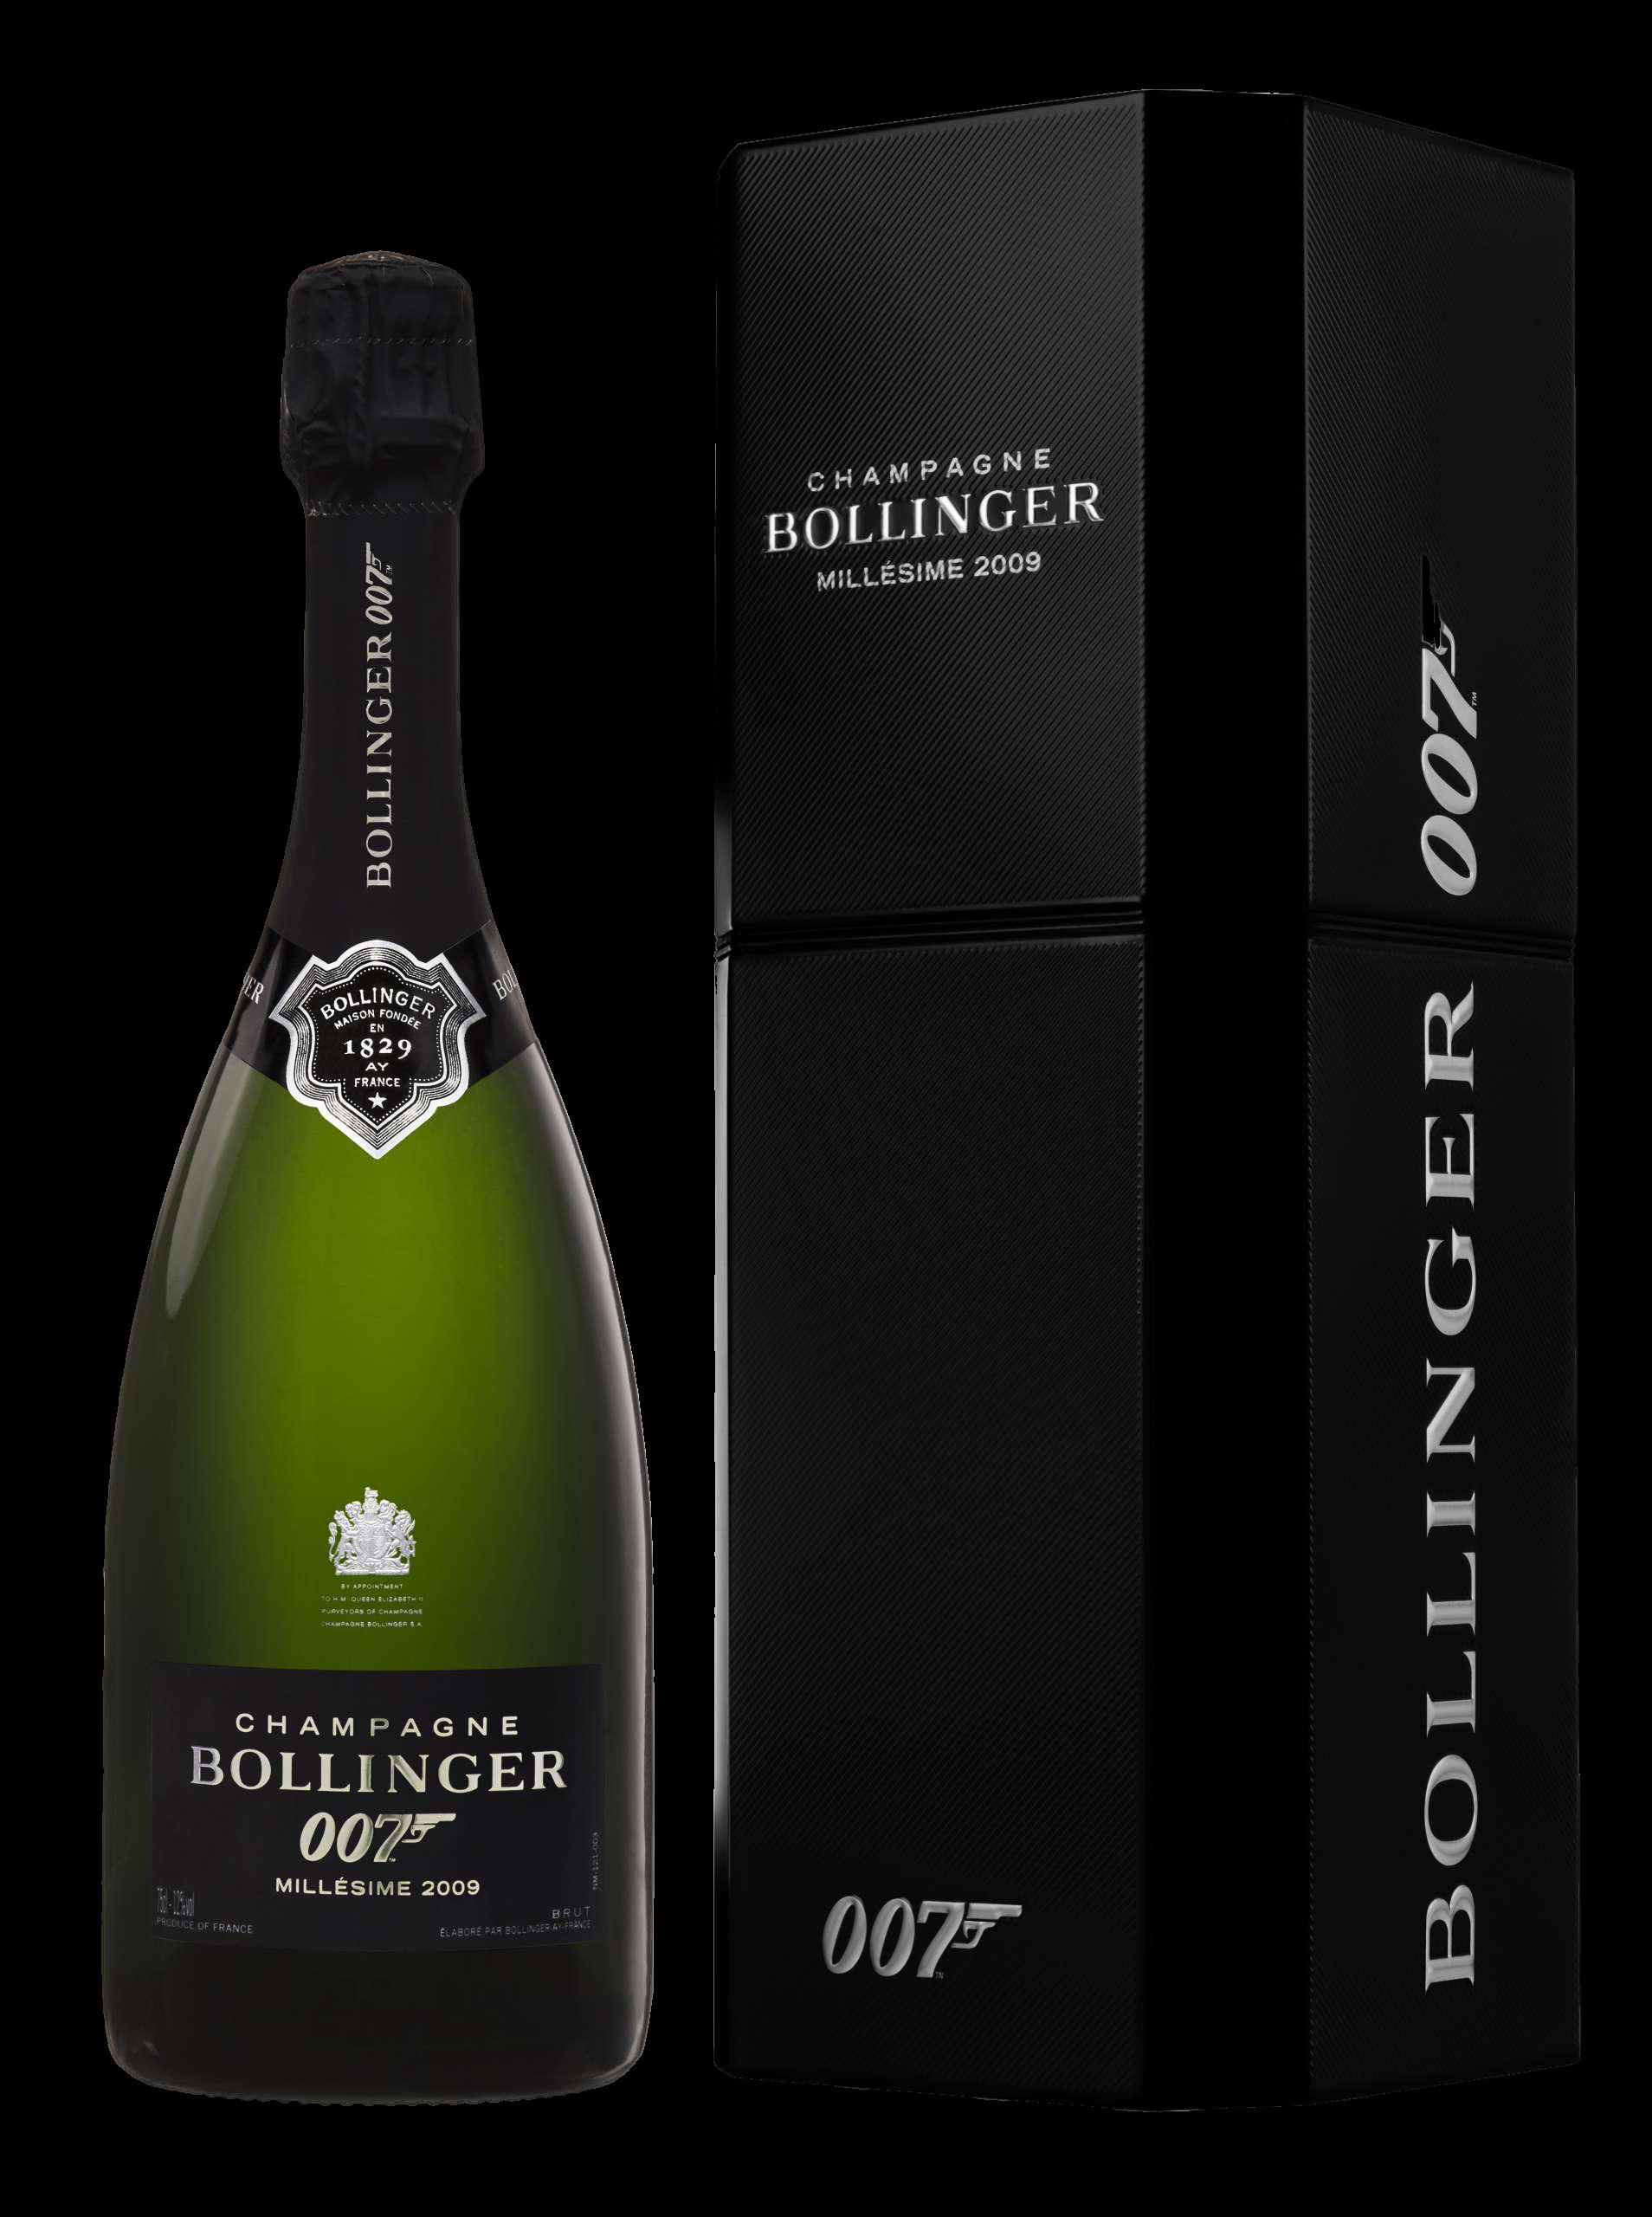 Знаменитое шампанское дома боллинджер (вollinger)